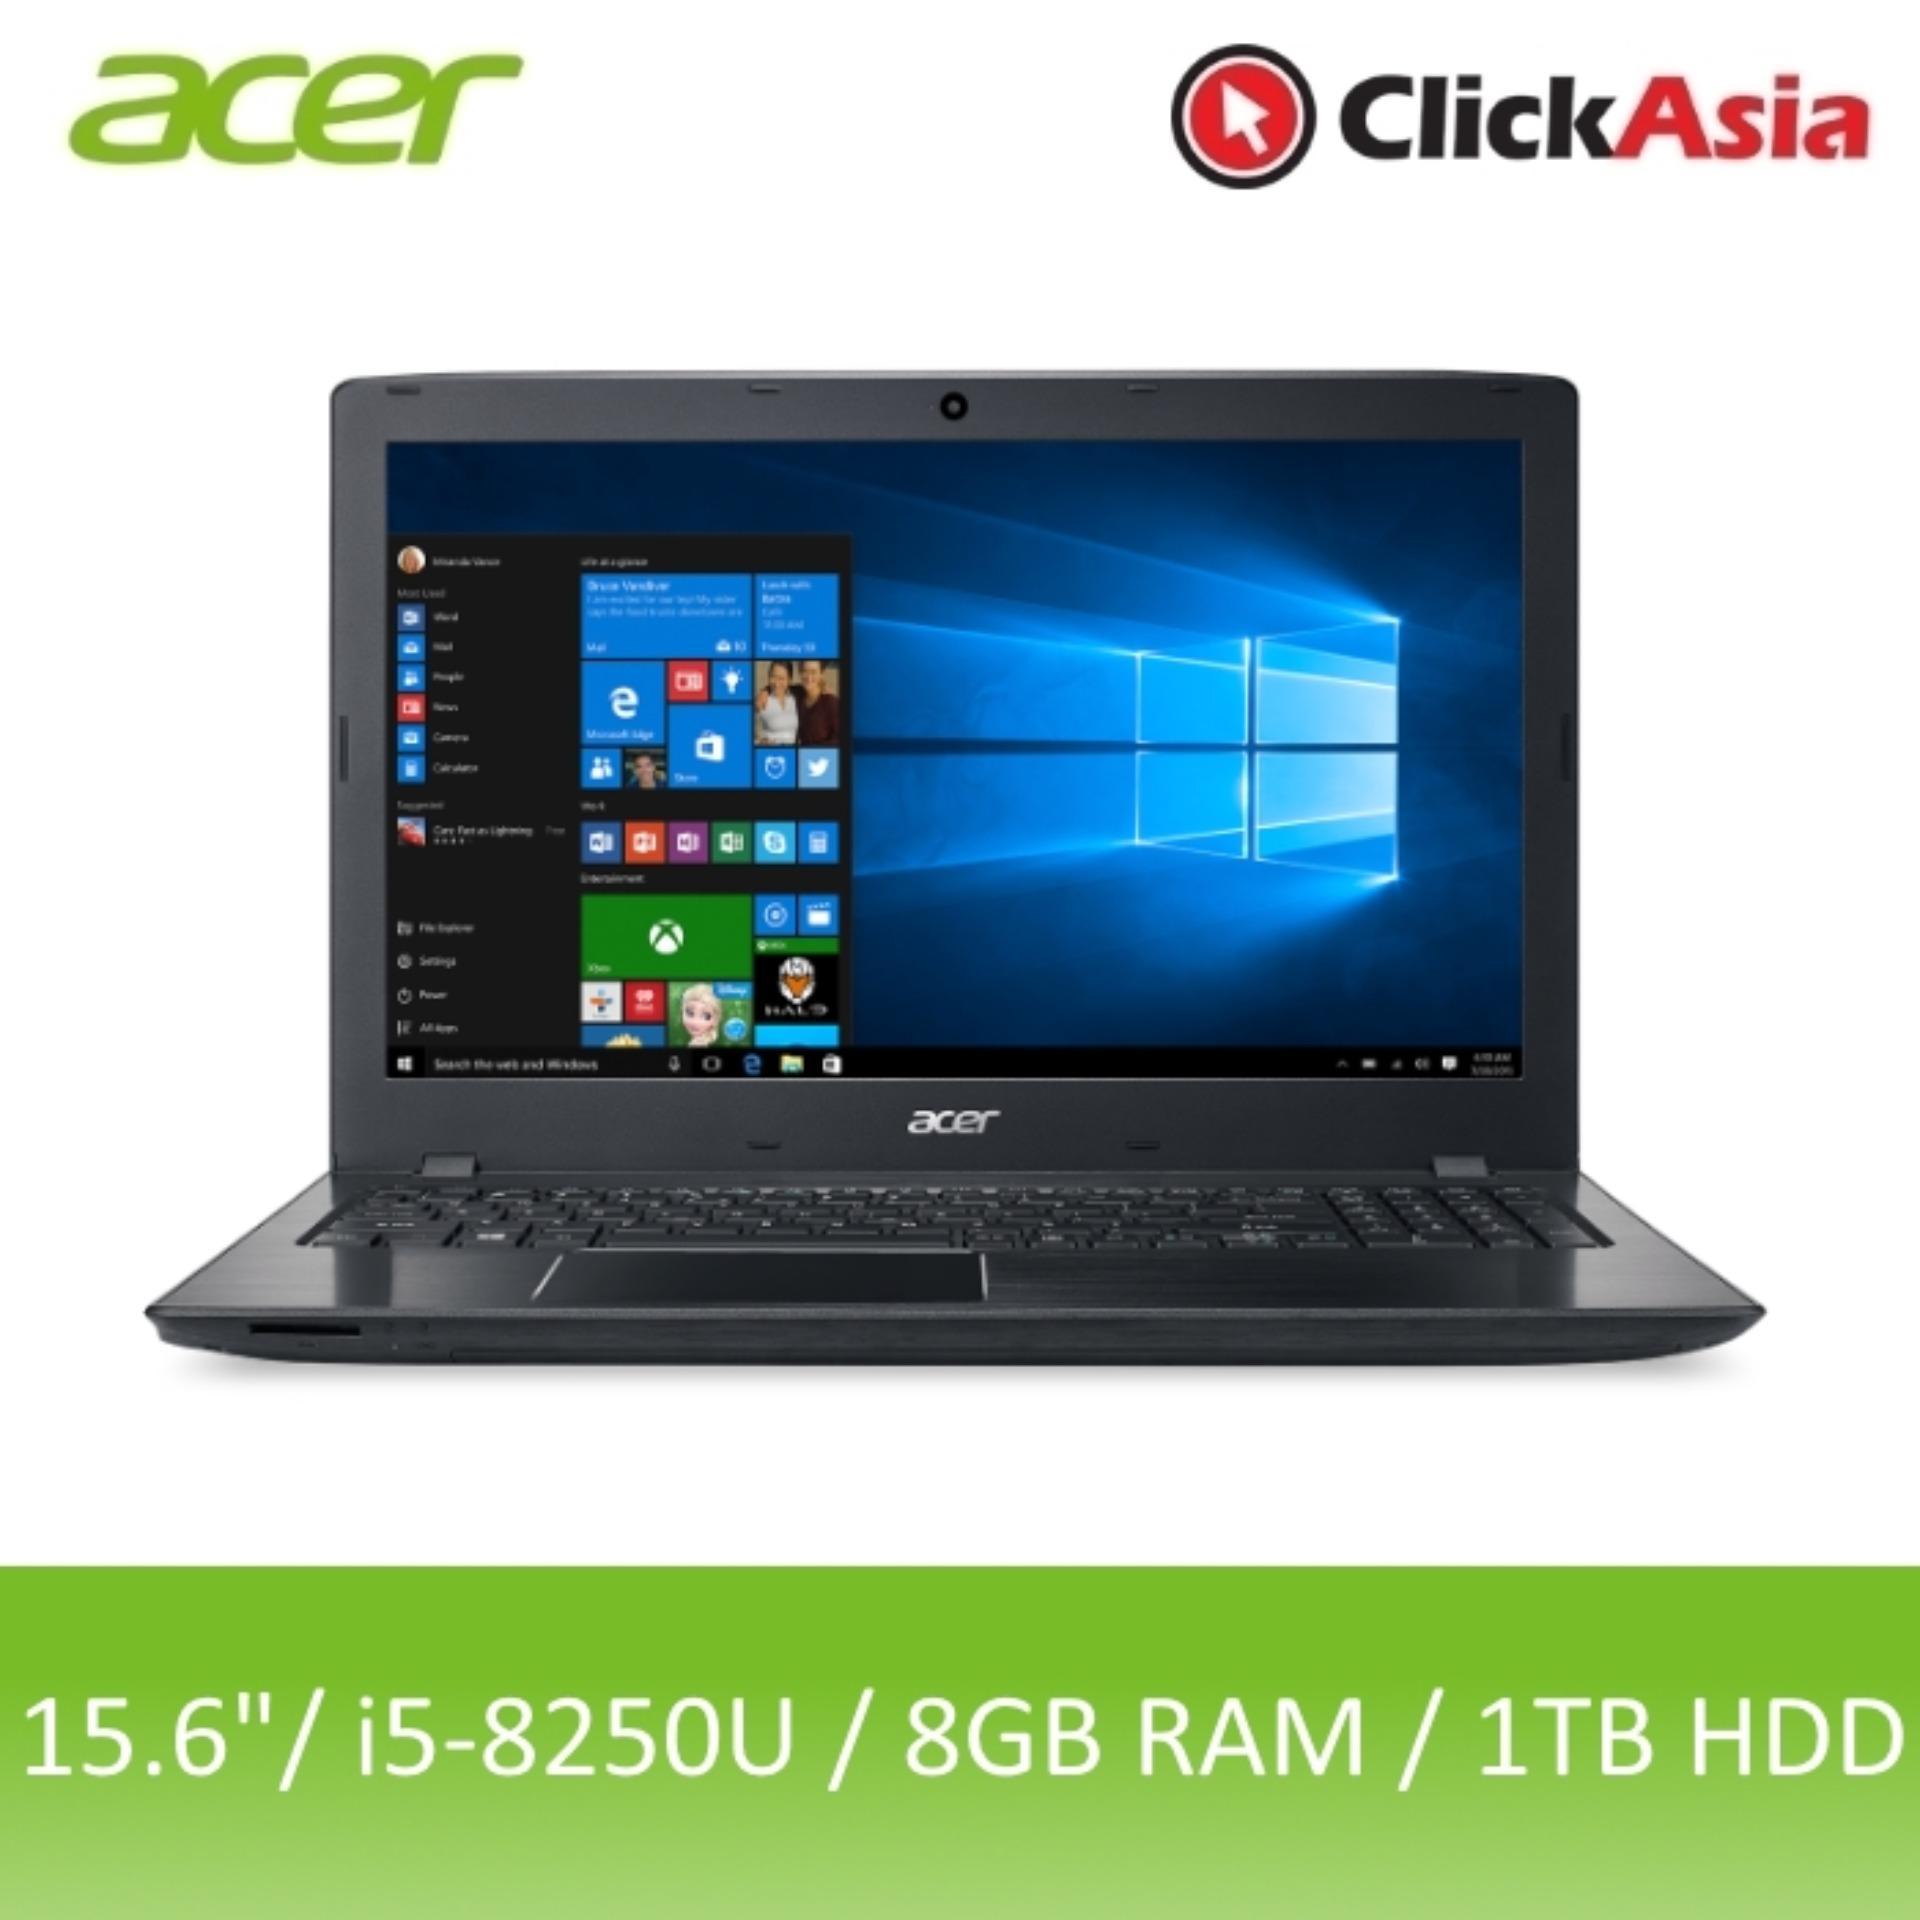 Acer Aspire E15 (E5-576G-52GR) - 15.6